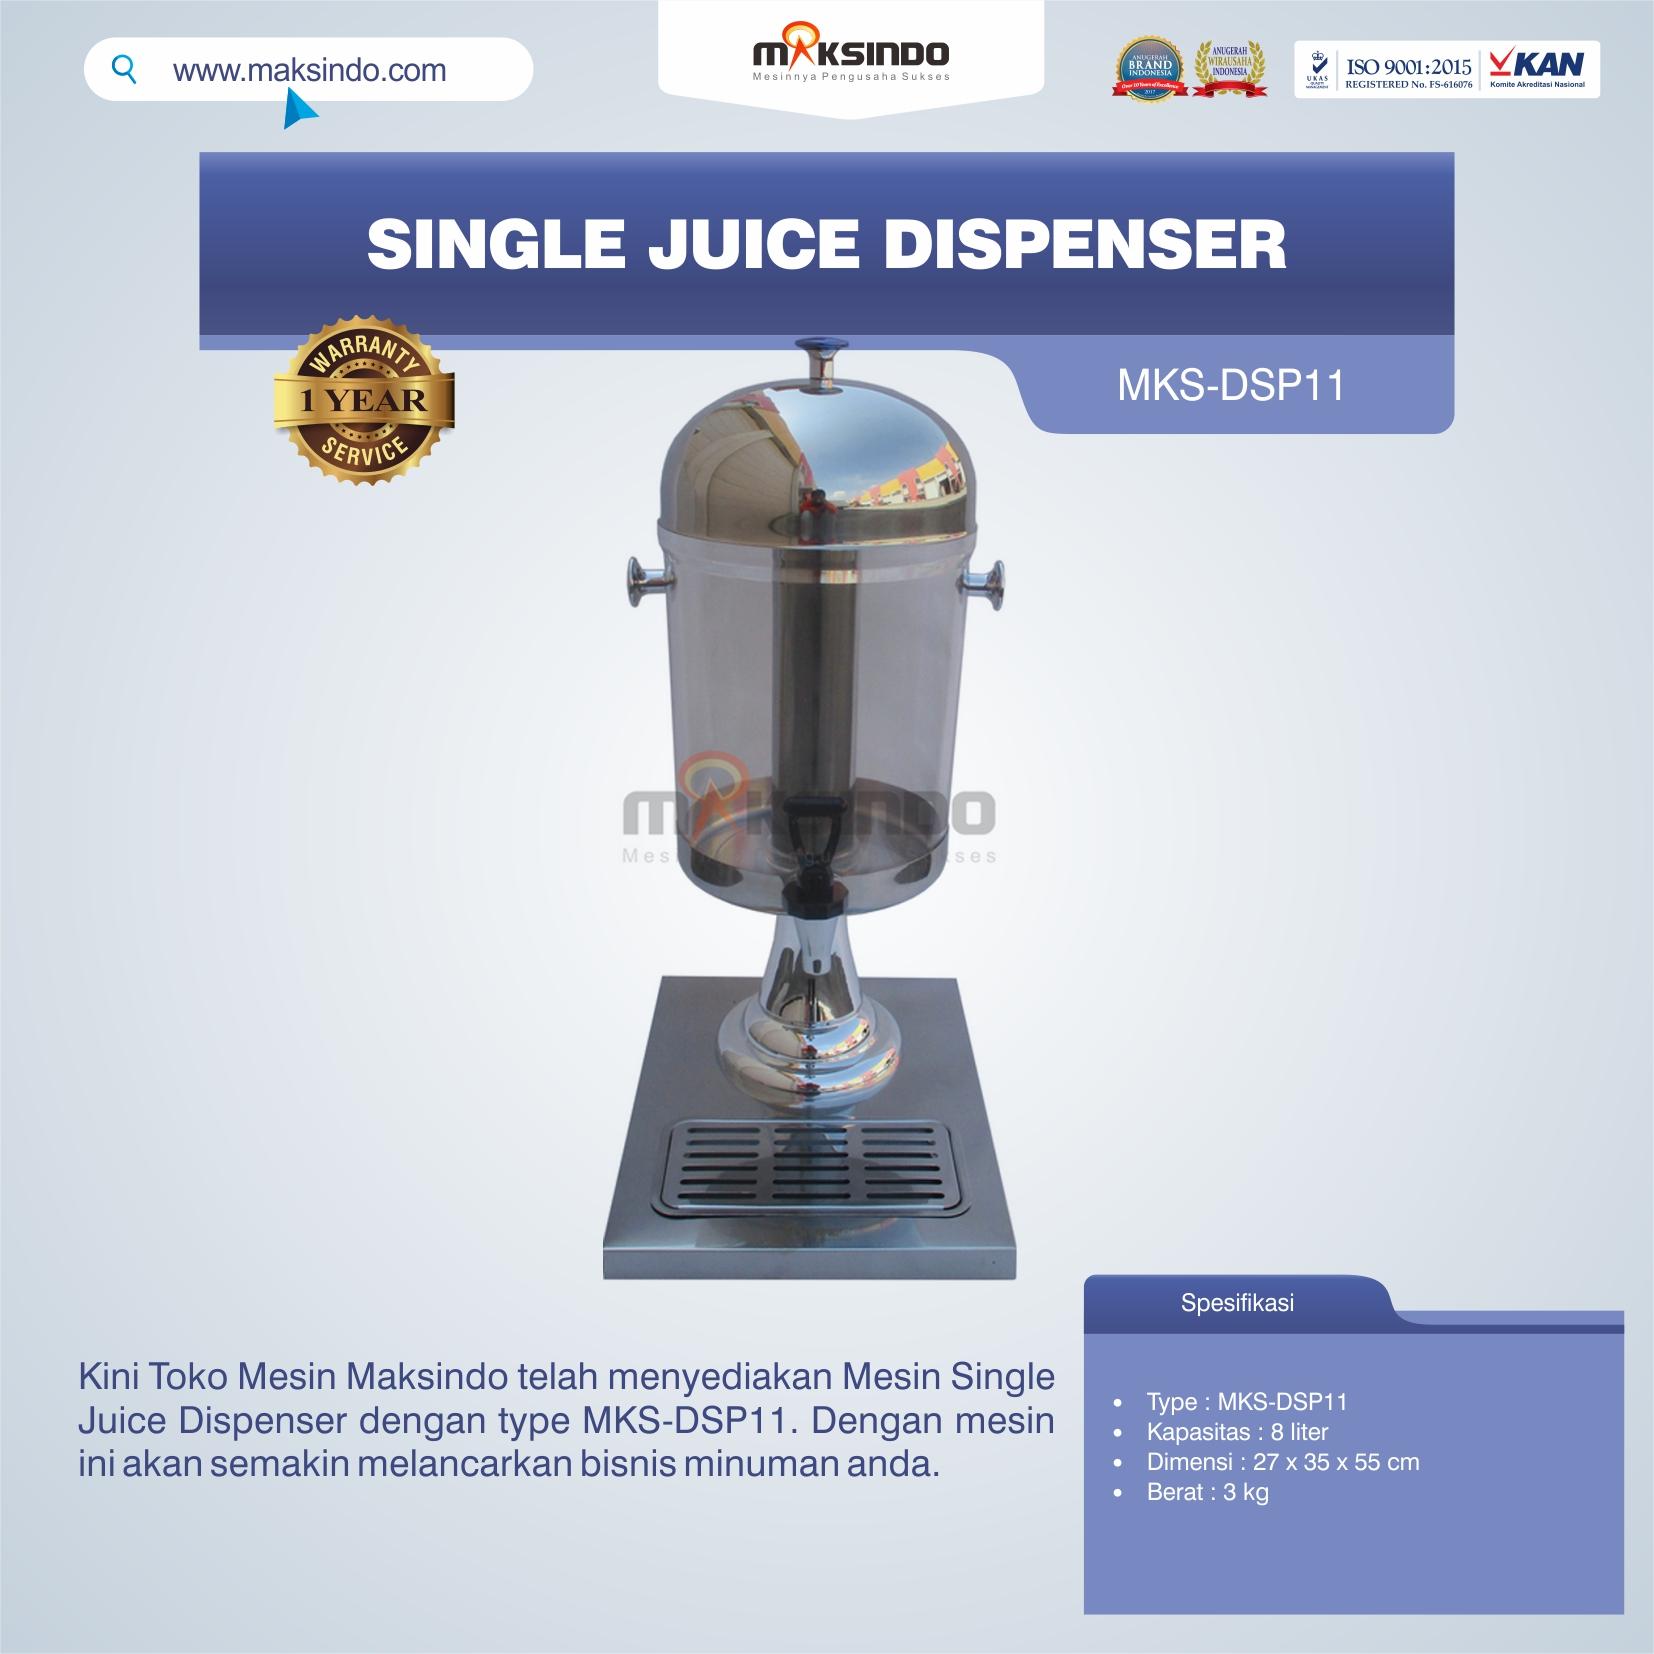 Jual Single Juice Dispenser MKS-DSP11 di Blitar